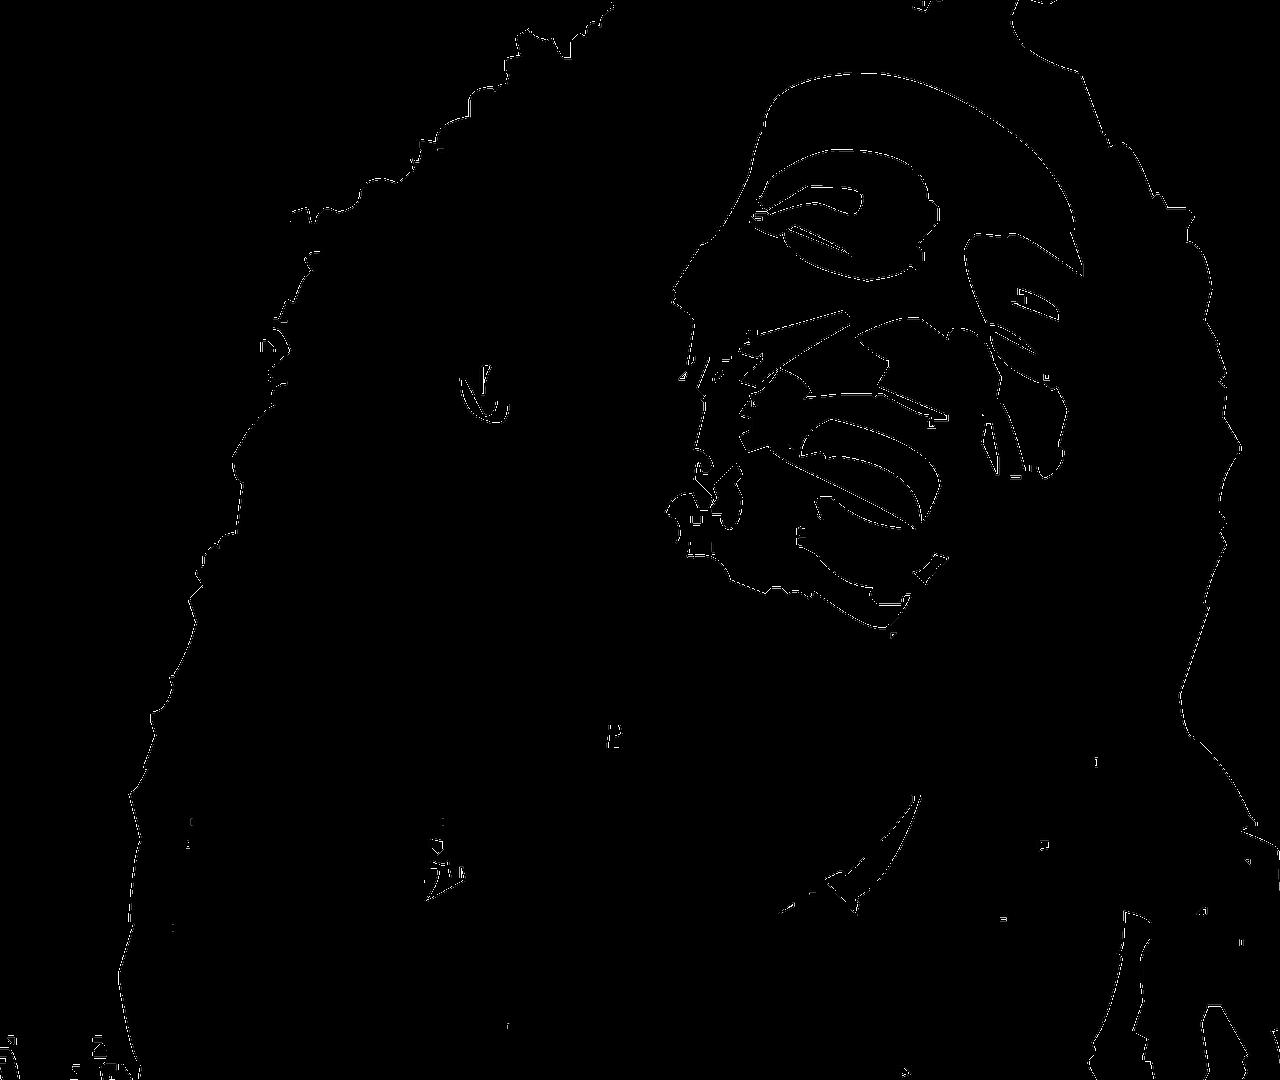 Man mag es nicht glauben, aber Bob Marley verbrachte tatsächlich seine letzten Lebensmonate am Tegernsee.